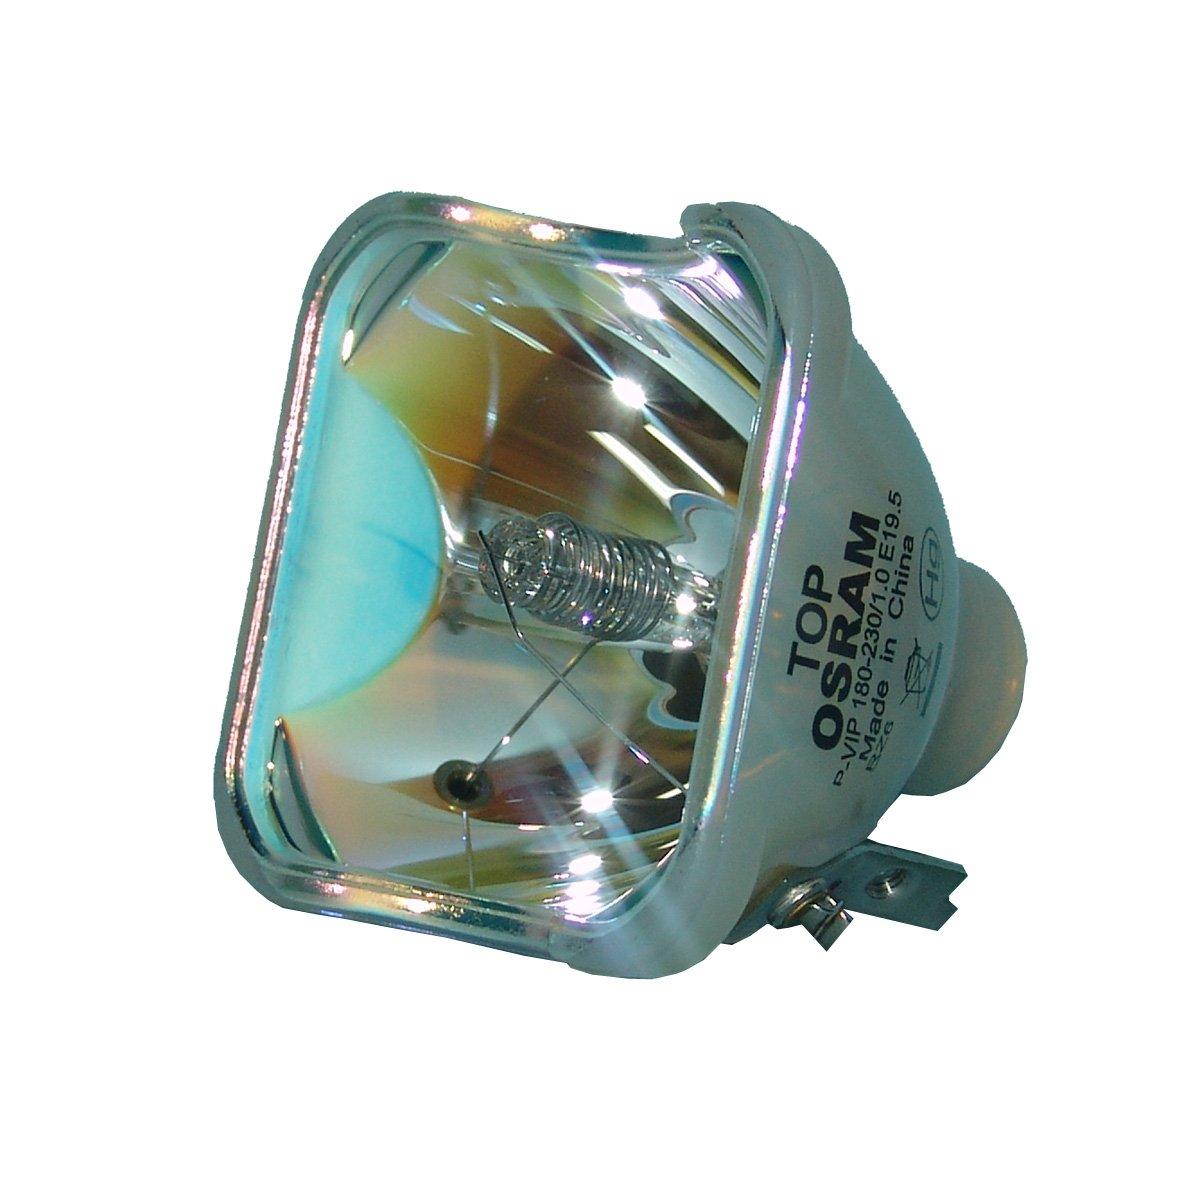 Osram オリジナル プロジェクター交換用ランプ サムスン BP47-00047B用 Platinum (Brighter/Durable) Platinum (Brighter/Durable) Lamp Only B07KTJQH18